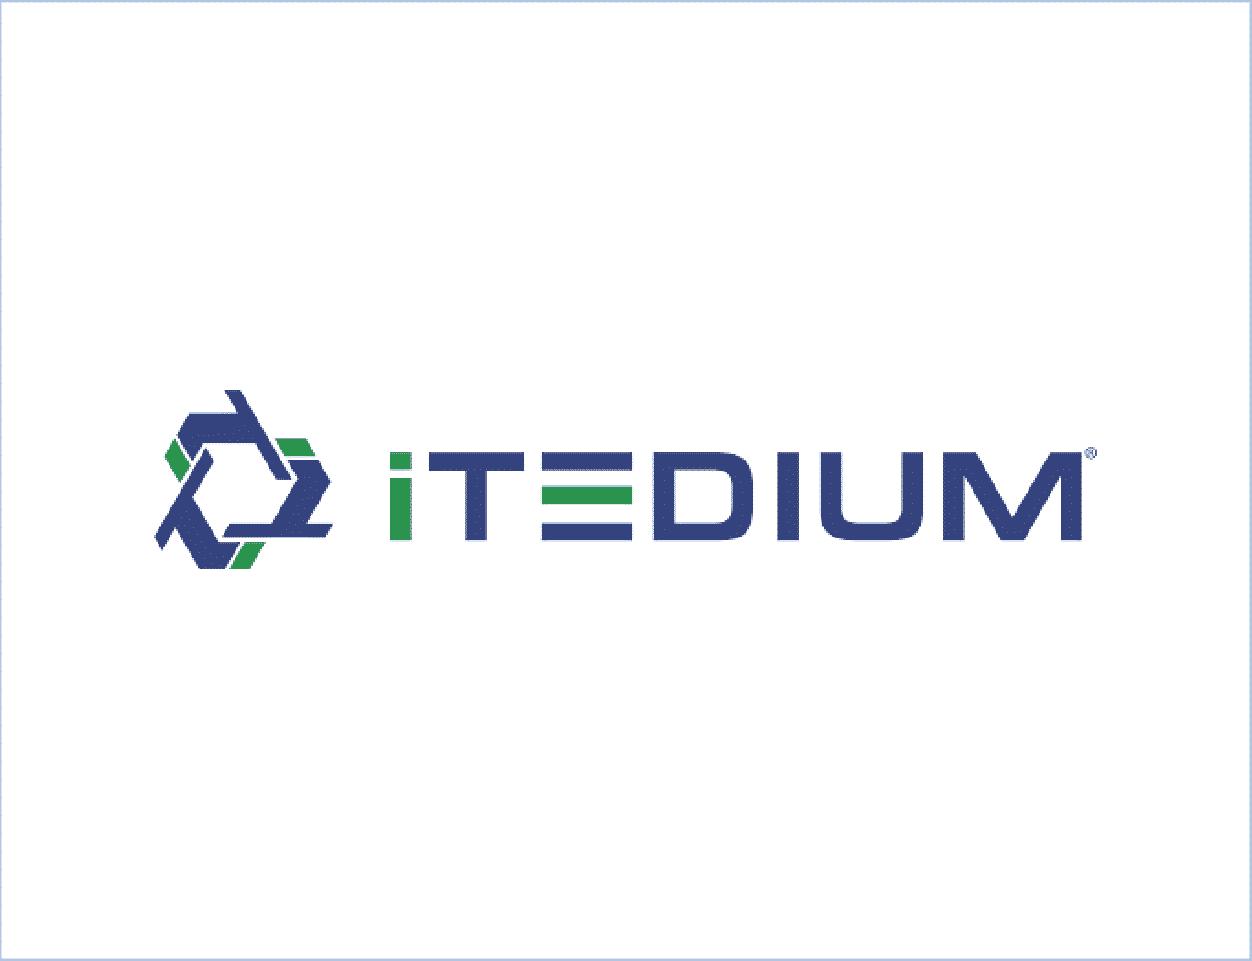 iTedium